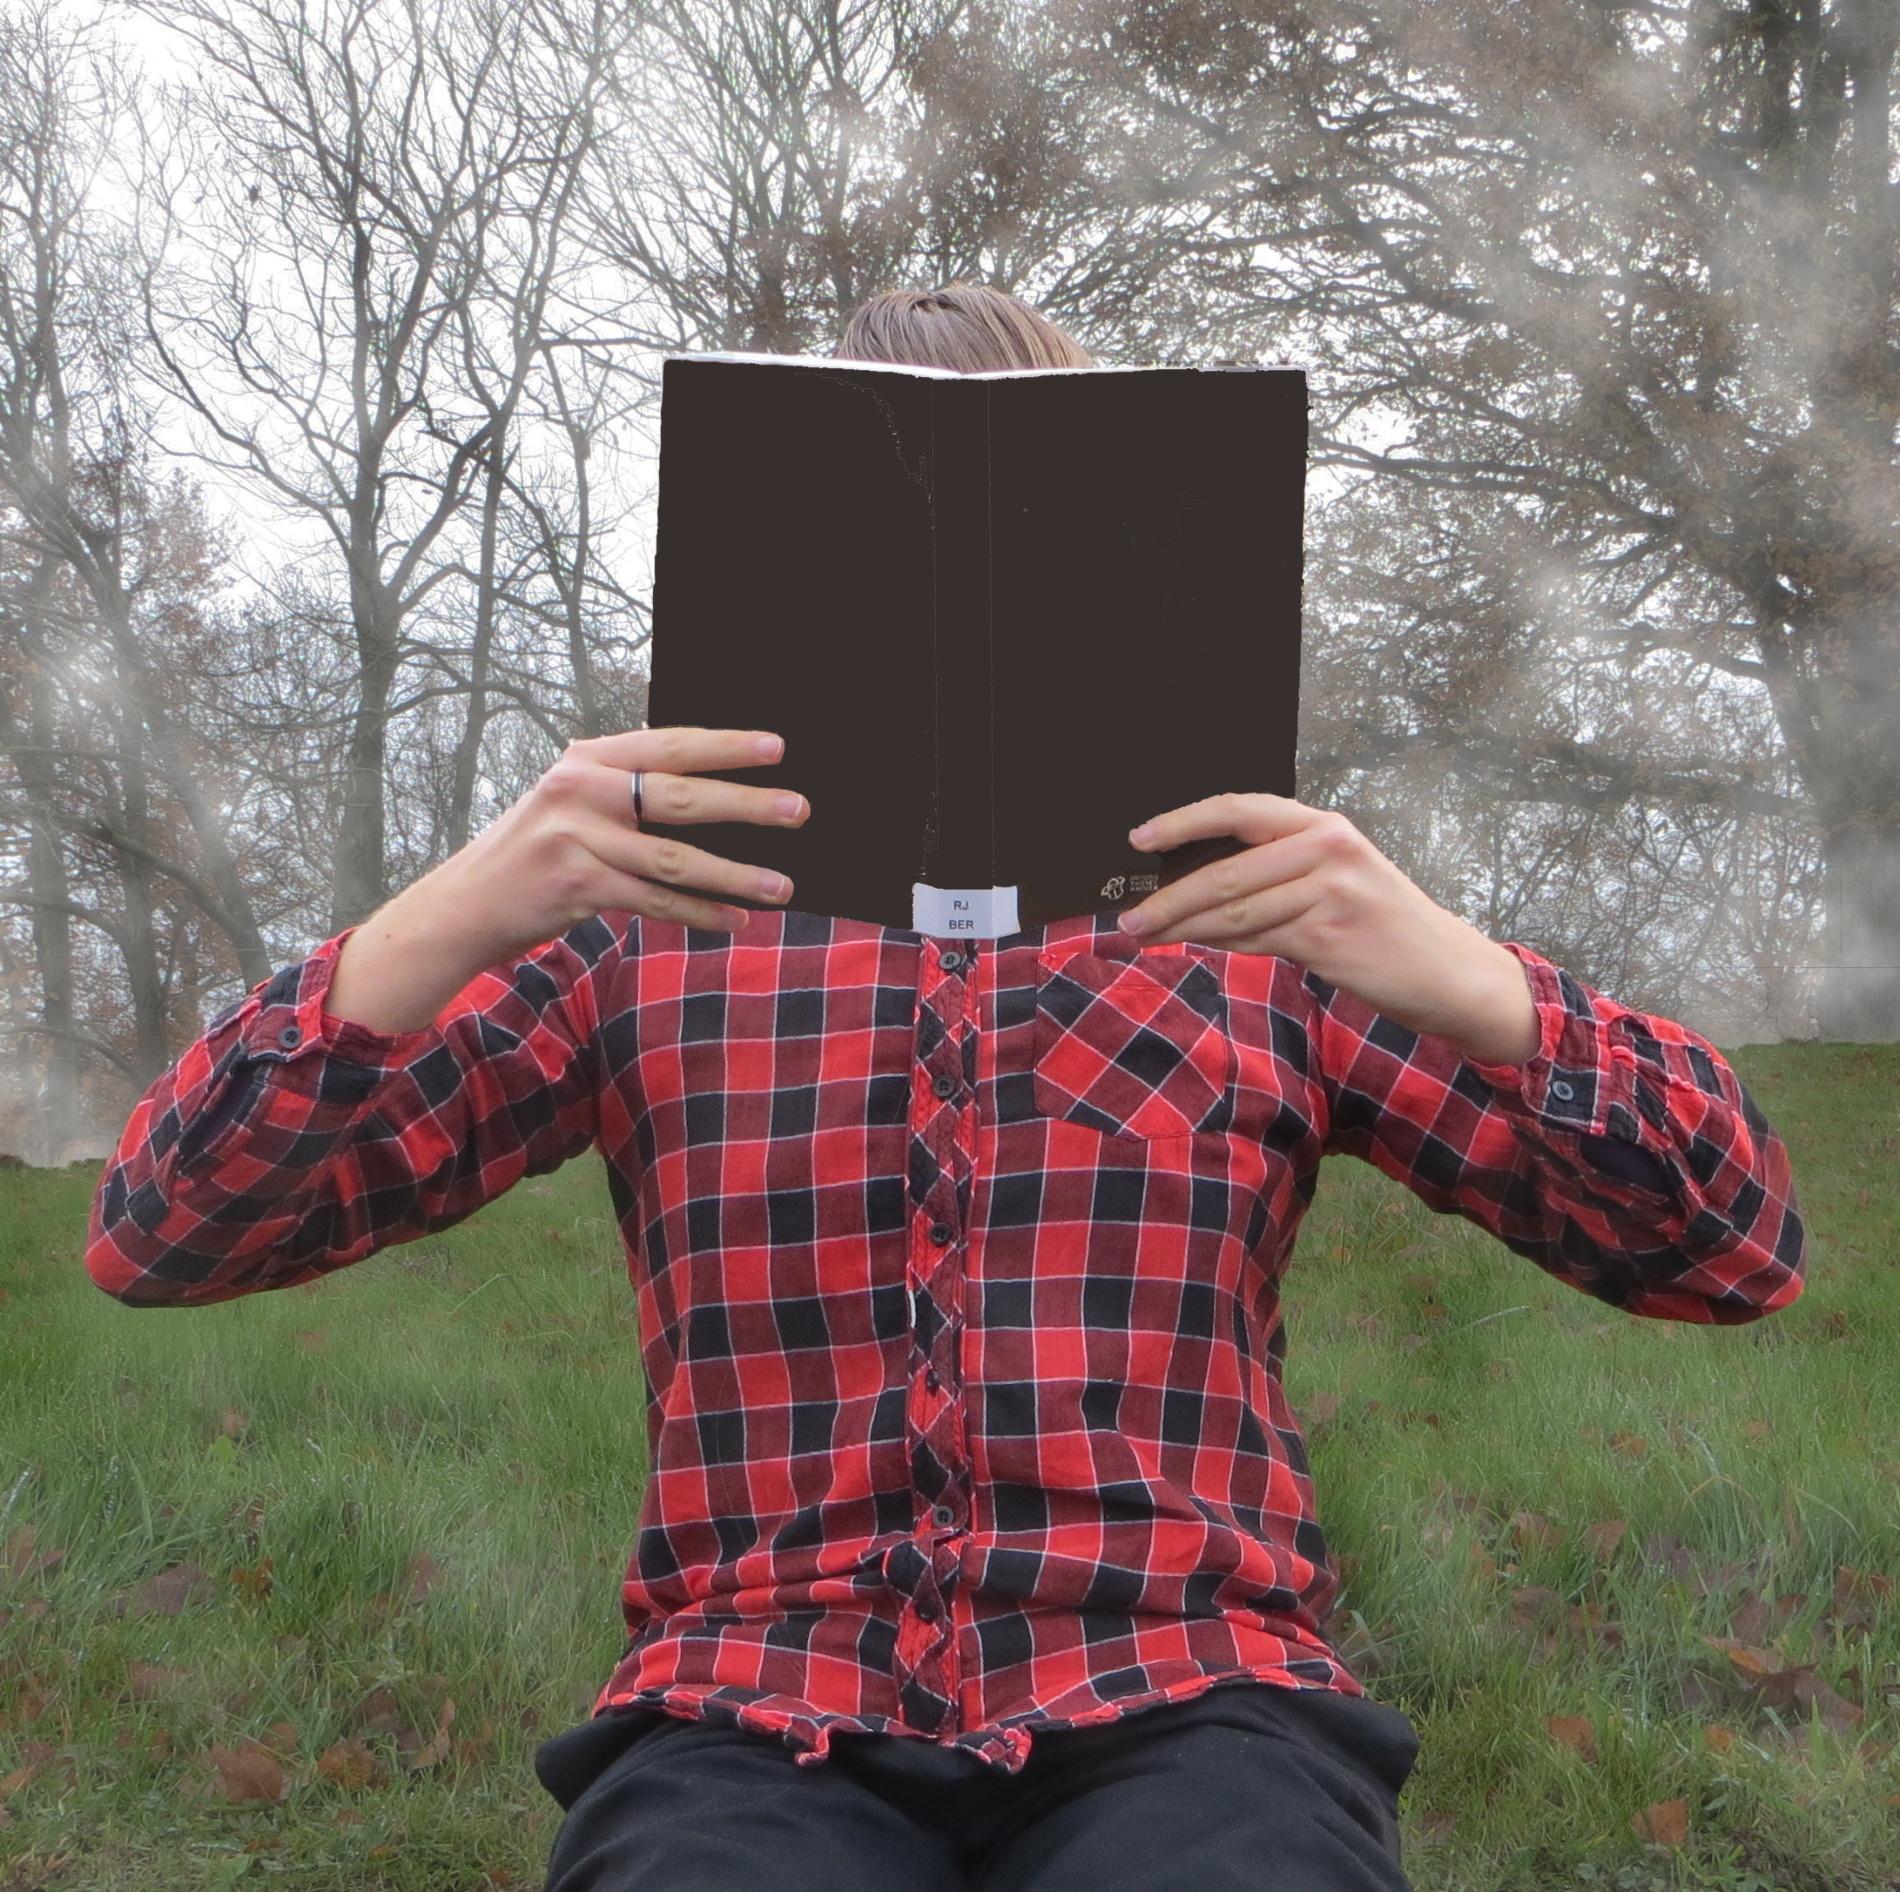 personne en chemise à carreaux lisant un livre noir dans la brume